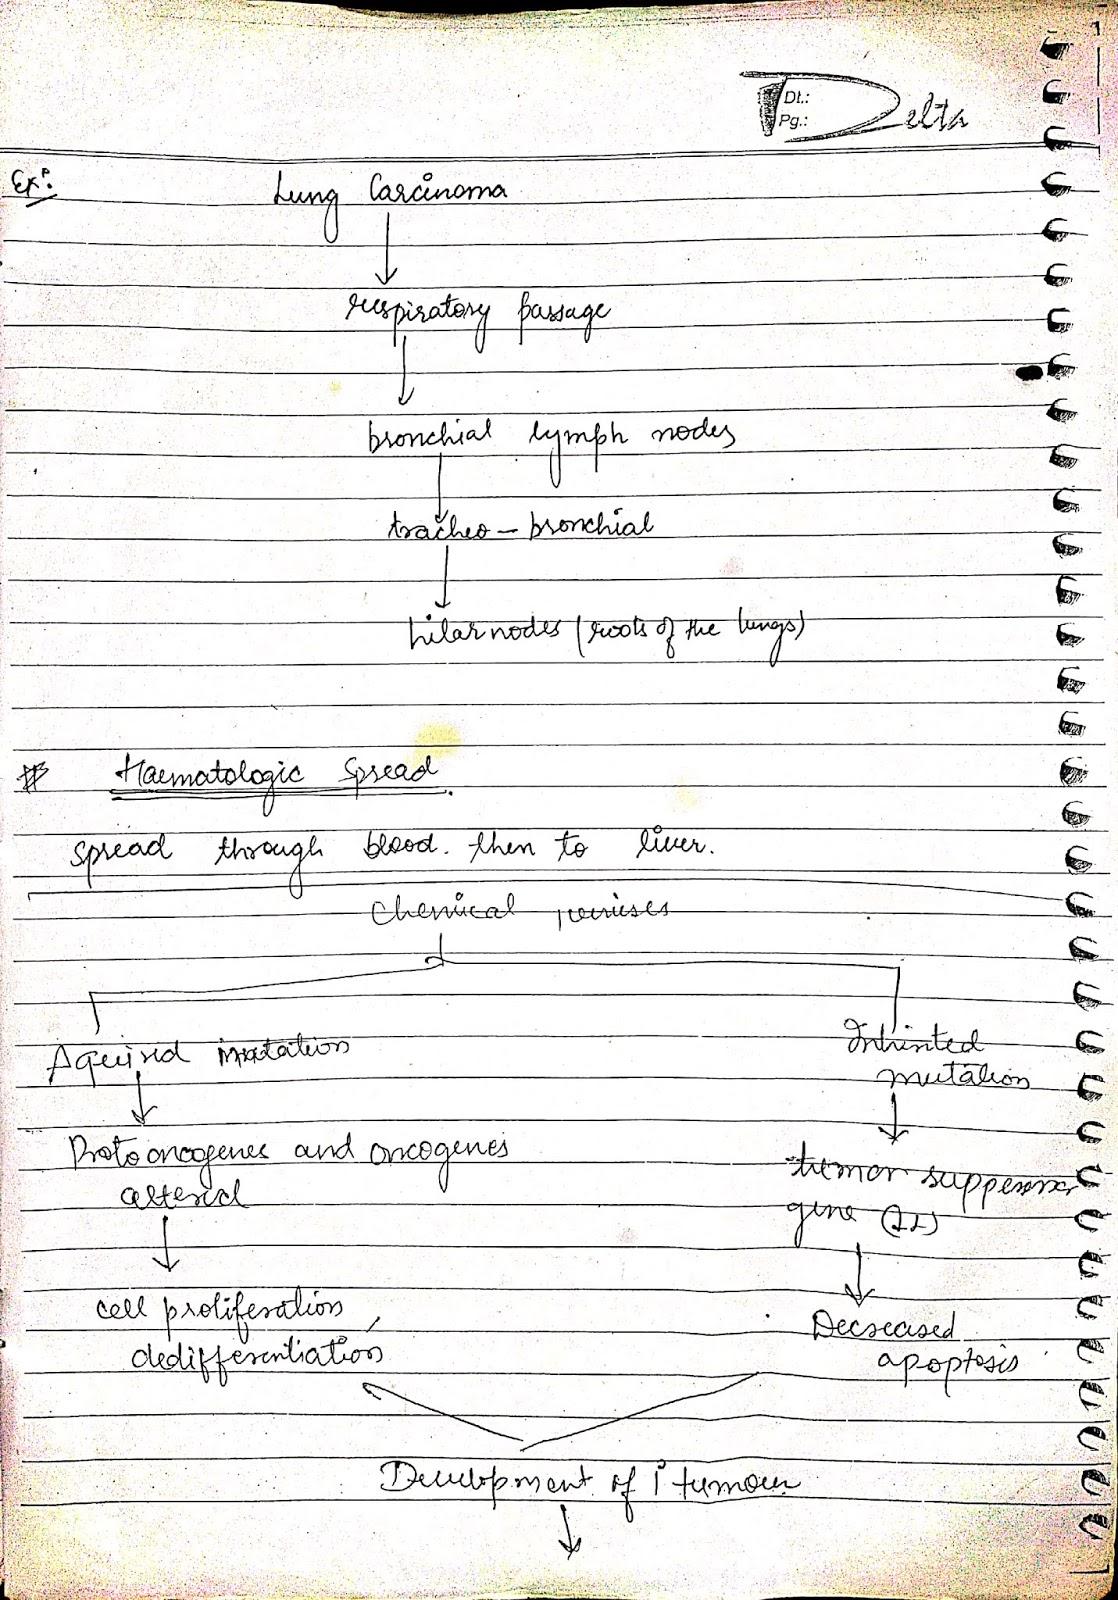 pathophysiology - cancer